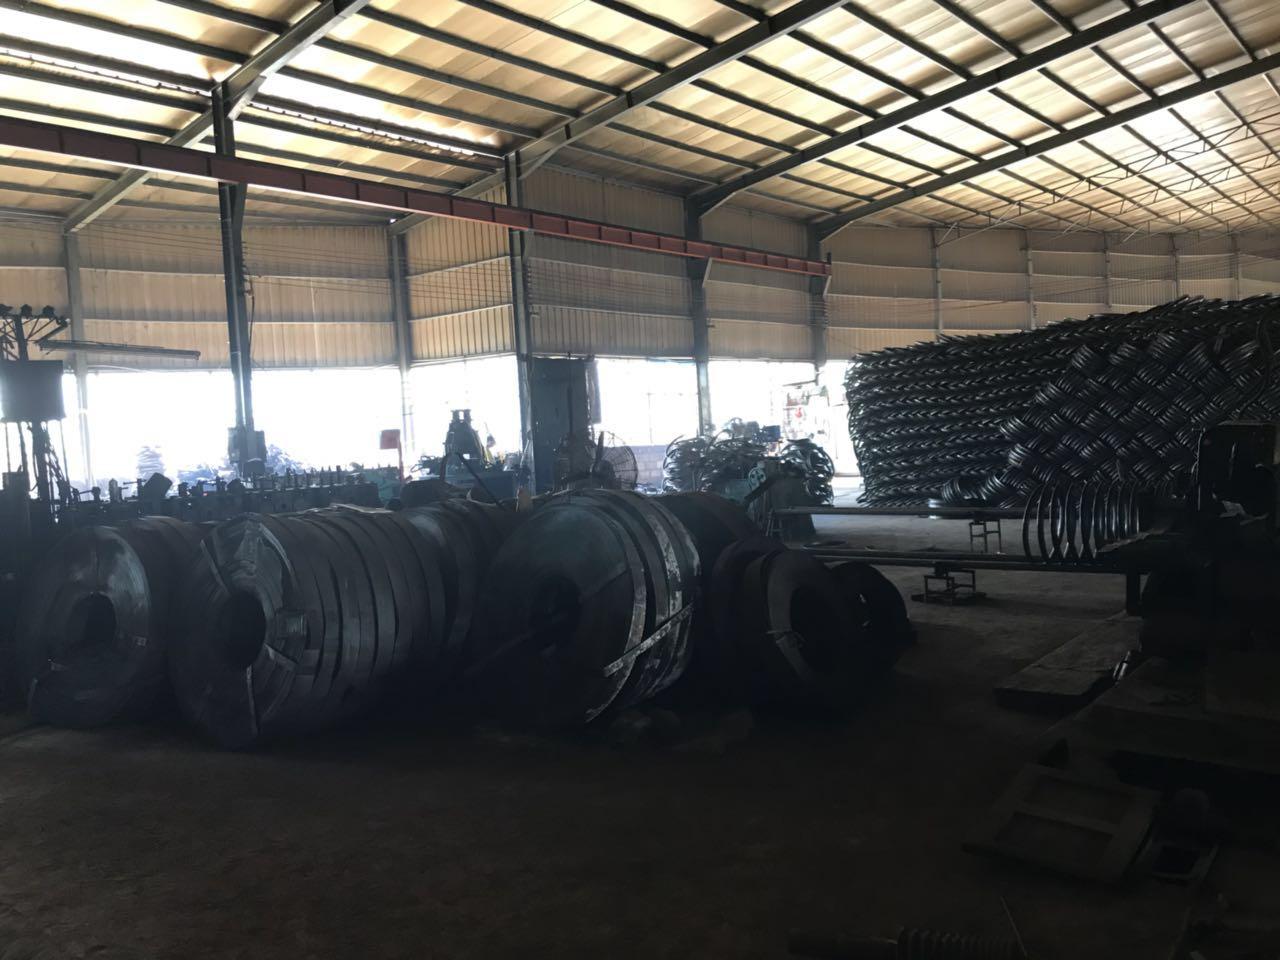 泉州热卖的力车钢圈出售,晋江斗车